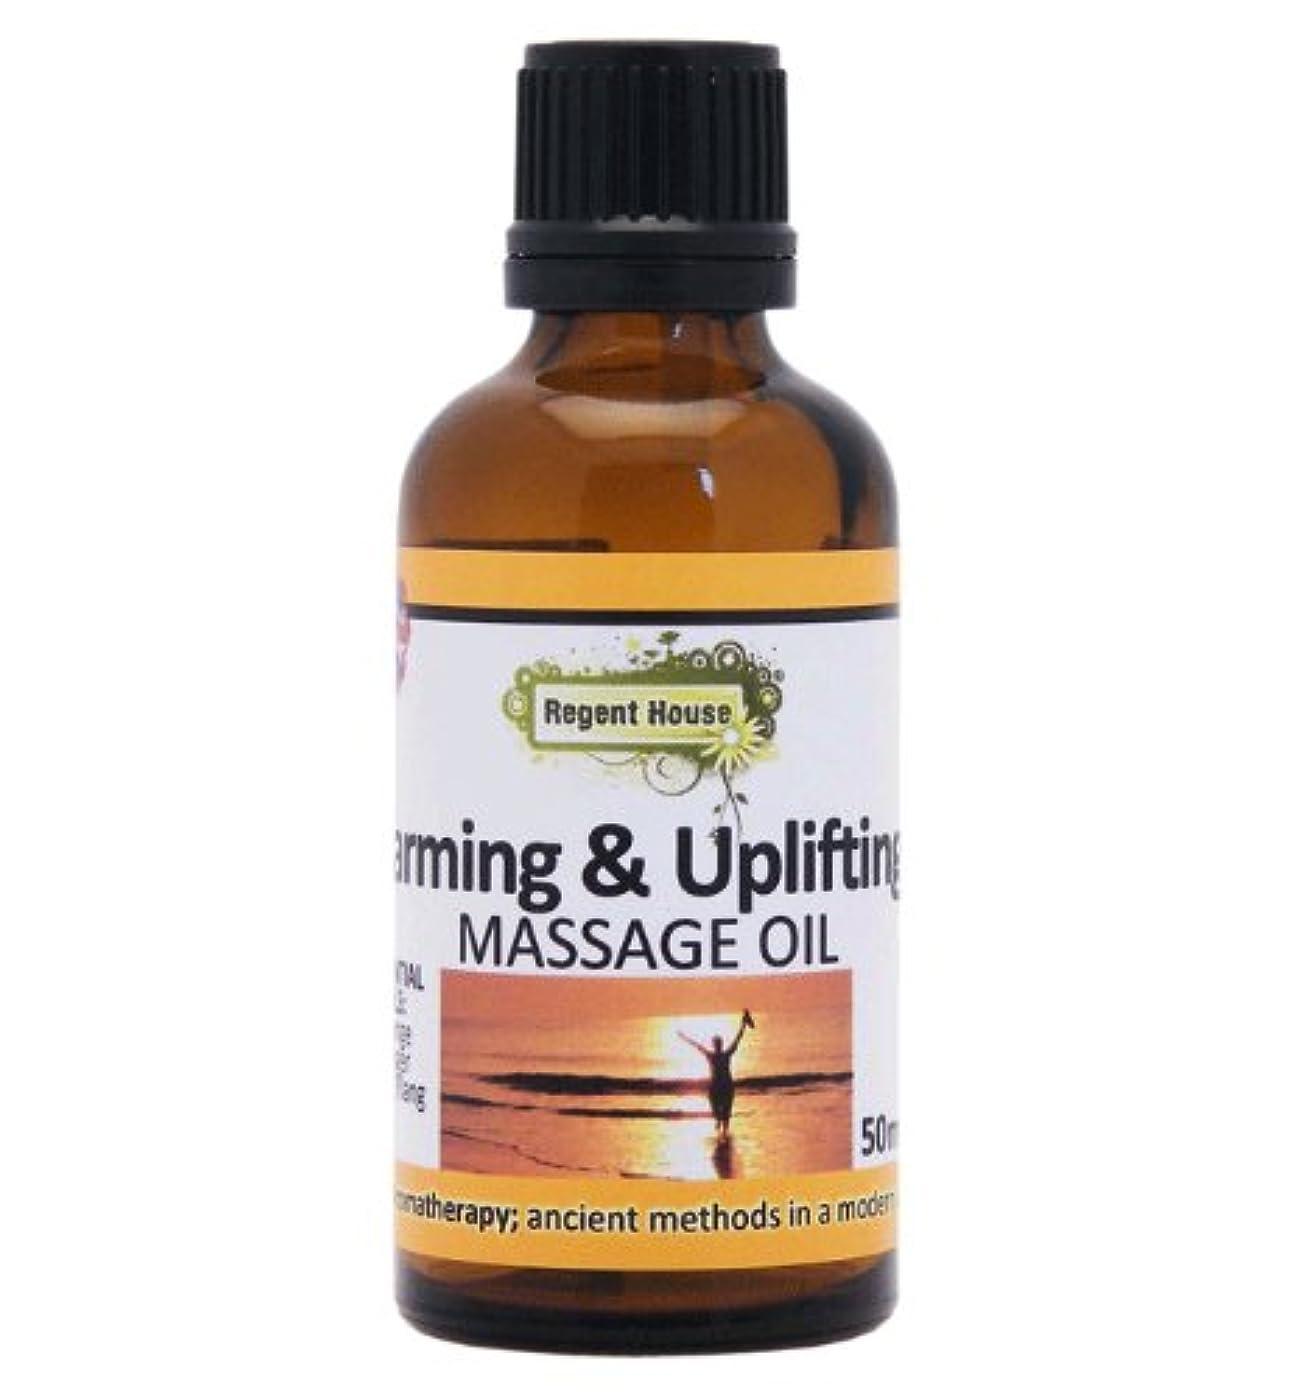 疾患許可ユーモアイタリア産の天然オレンジ精油を、たっぷり配合。 アロマ ナチュラル マッサージオイル 50ml ウォーミング&アップリフティング(Aroma Massage Oil Warming & Uplifting)